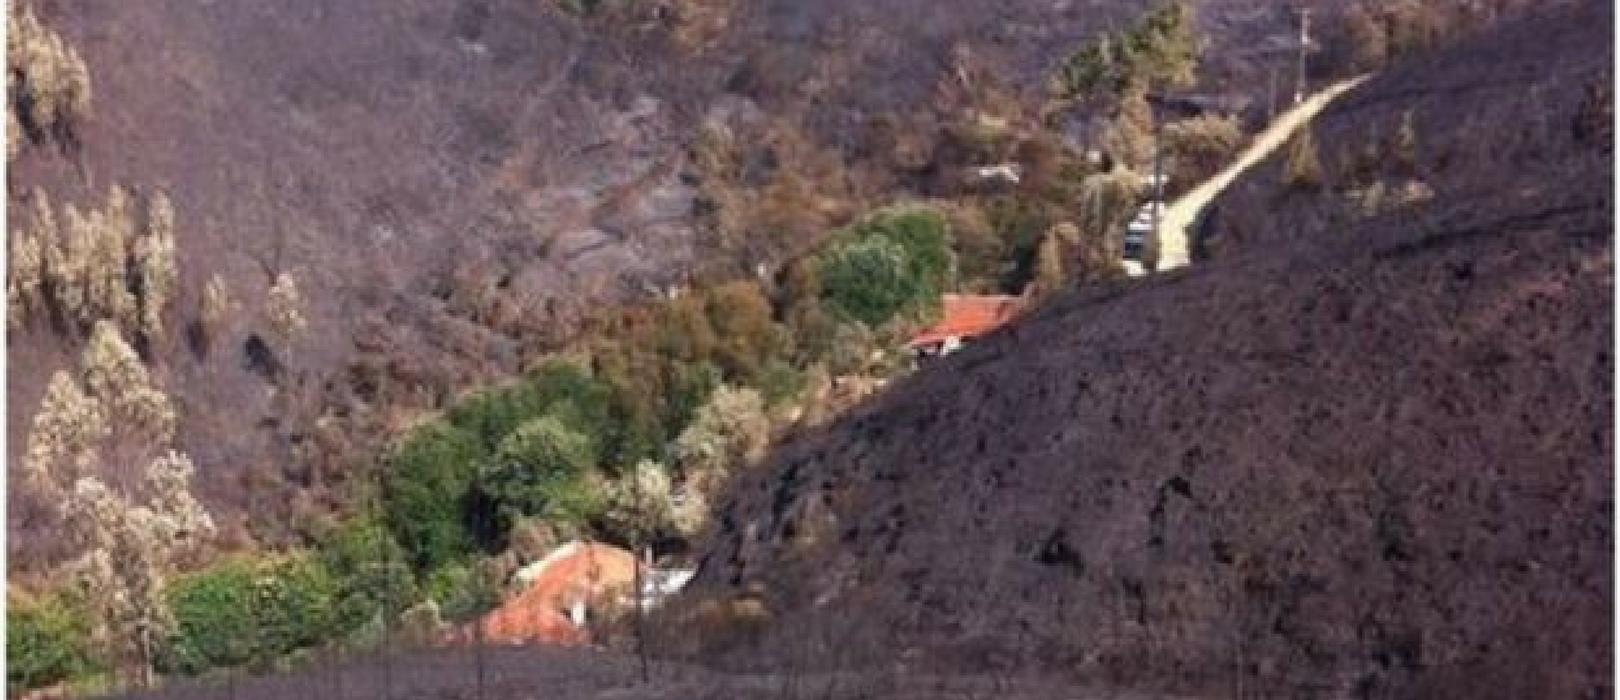 Incêndio Florestal em Portugal mata 64 pessoas